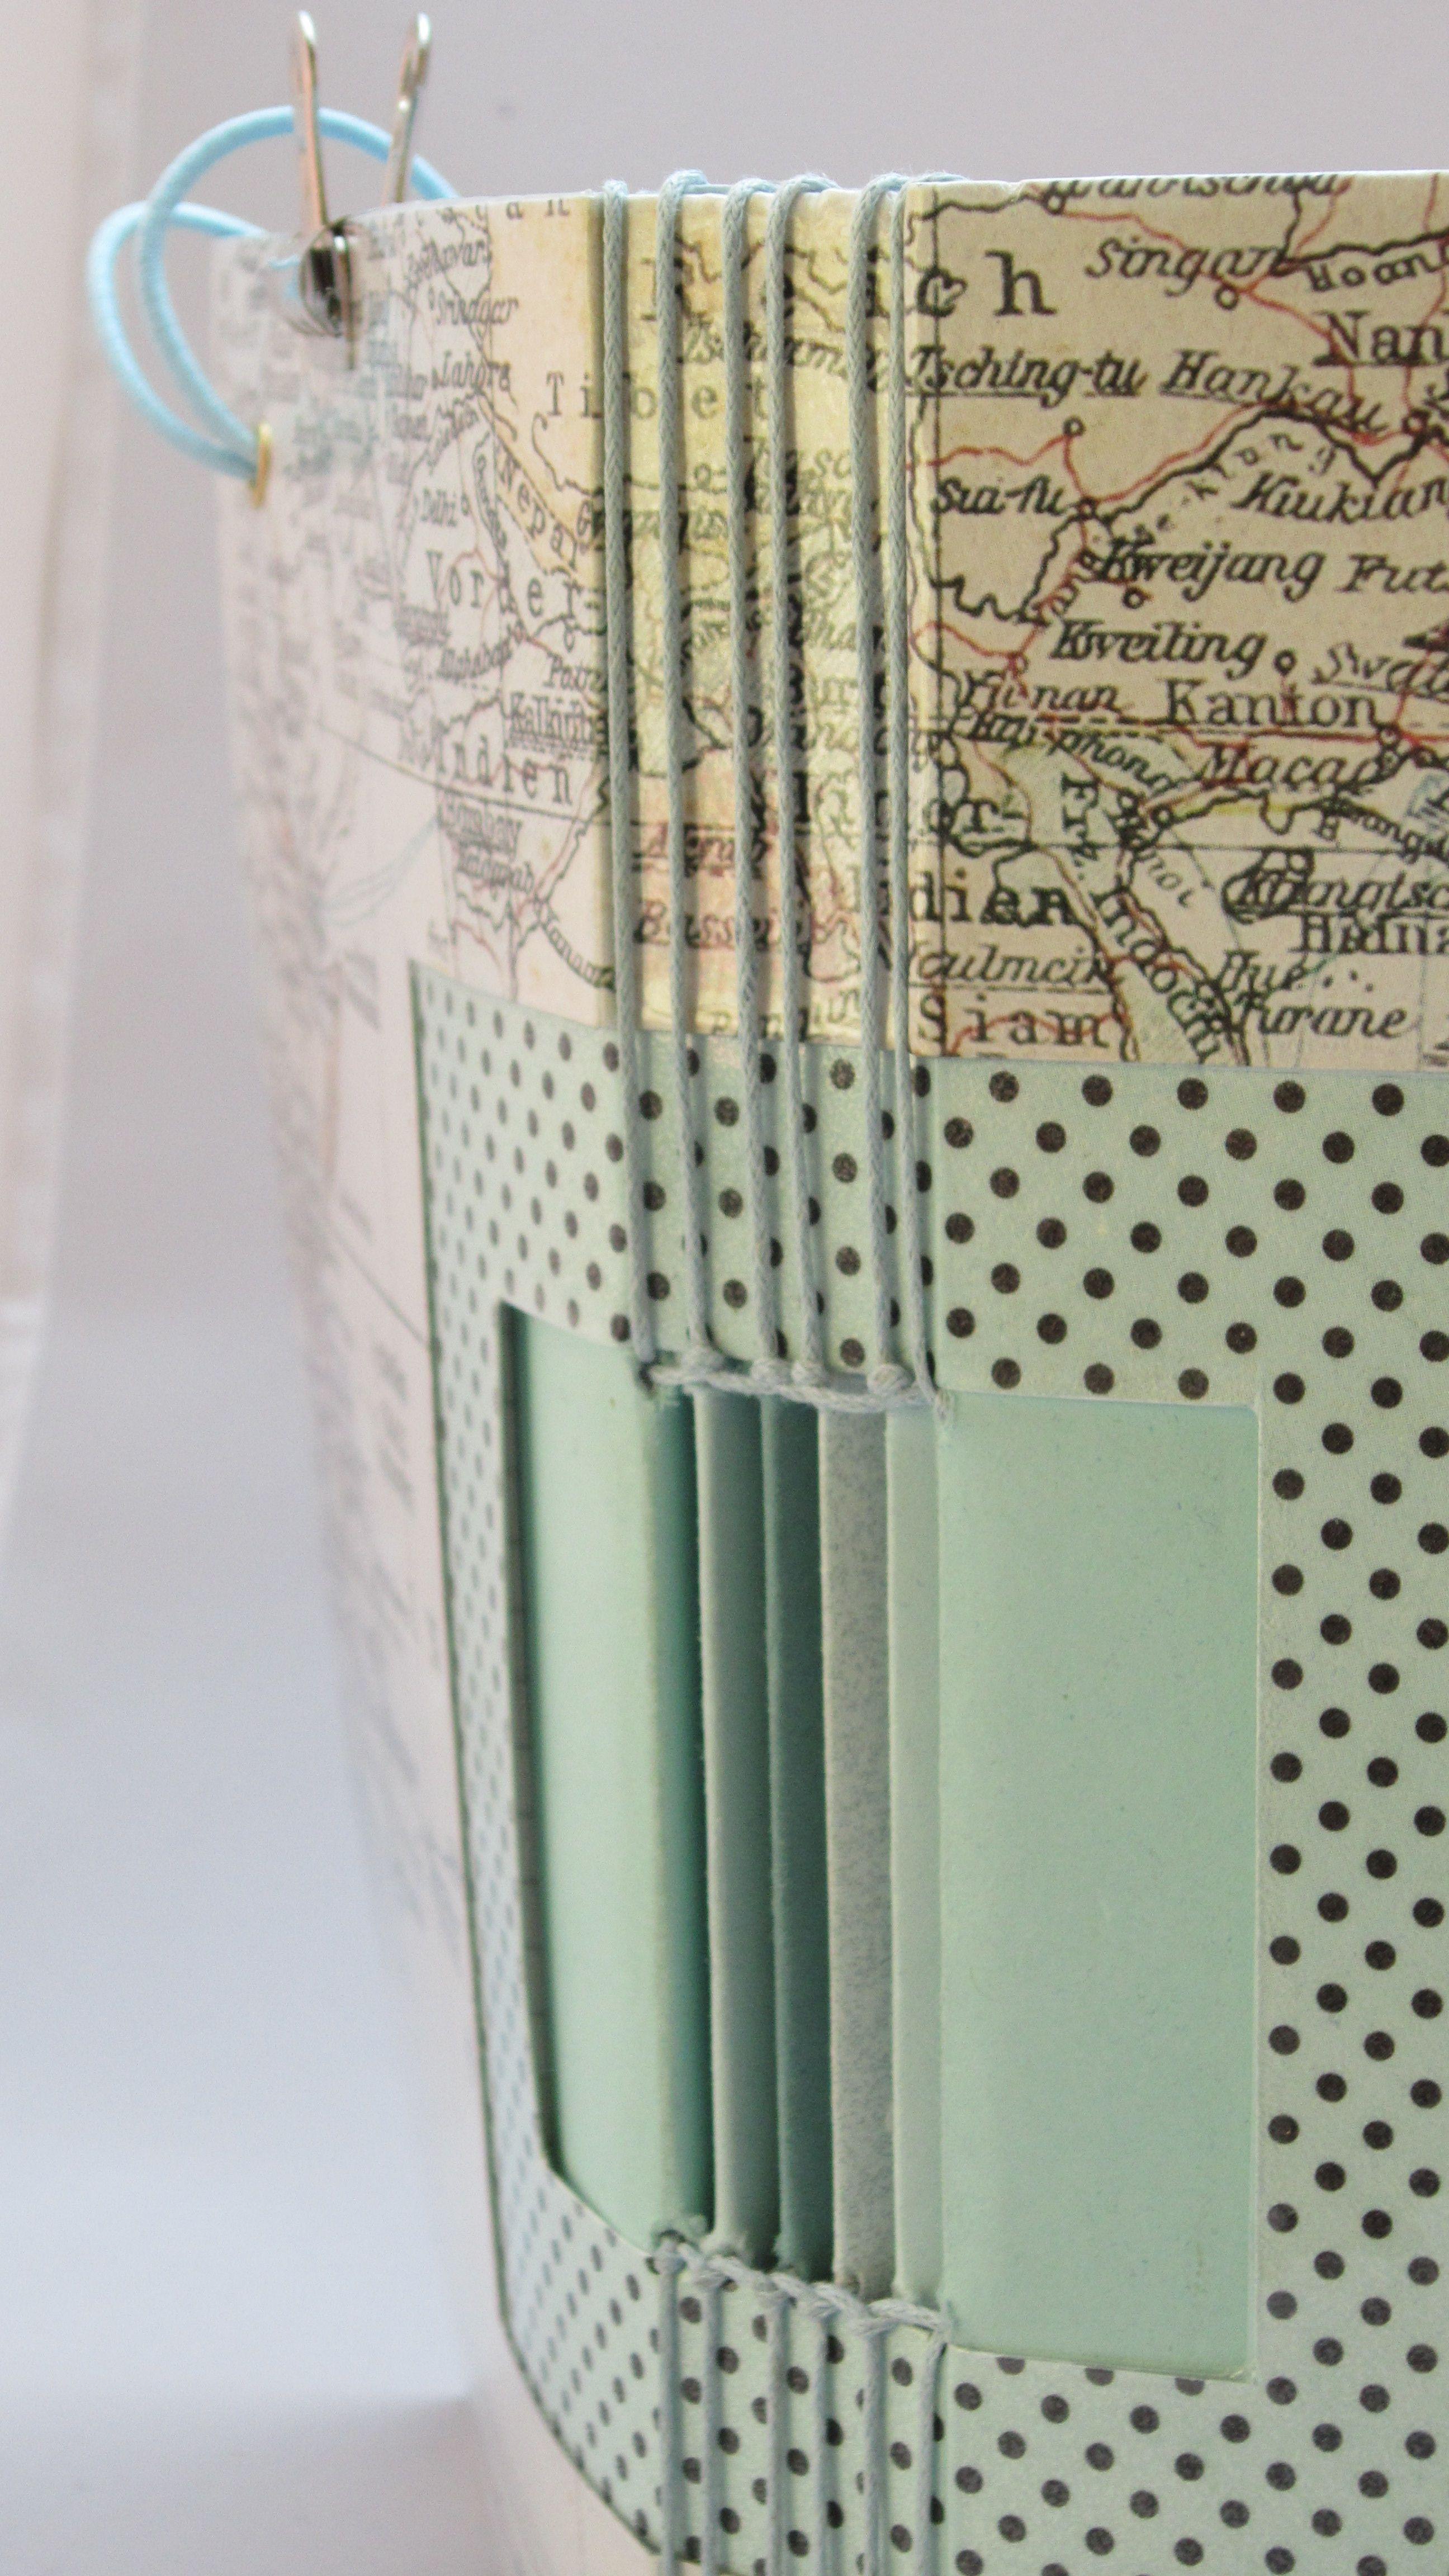 vorder und r ckseite reise journal mit bindung basteln buch buchbindung f chermappe heft. Black Bedroom Furniture Sets. Home Design Ideas